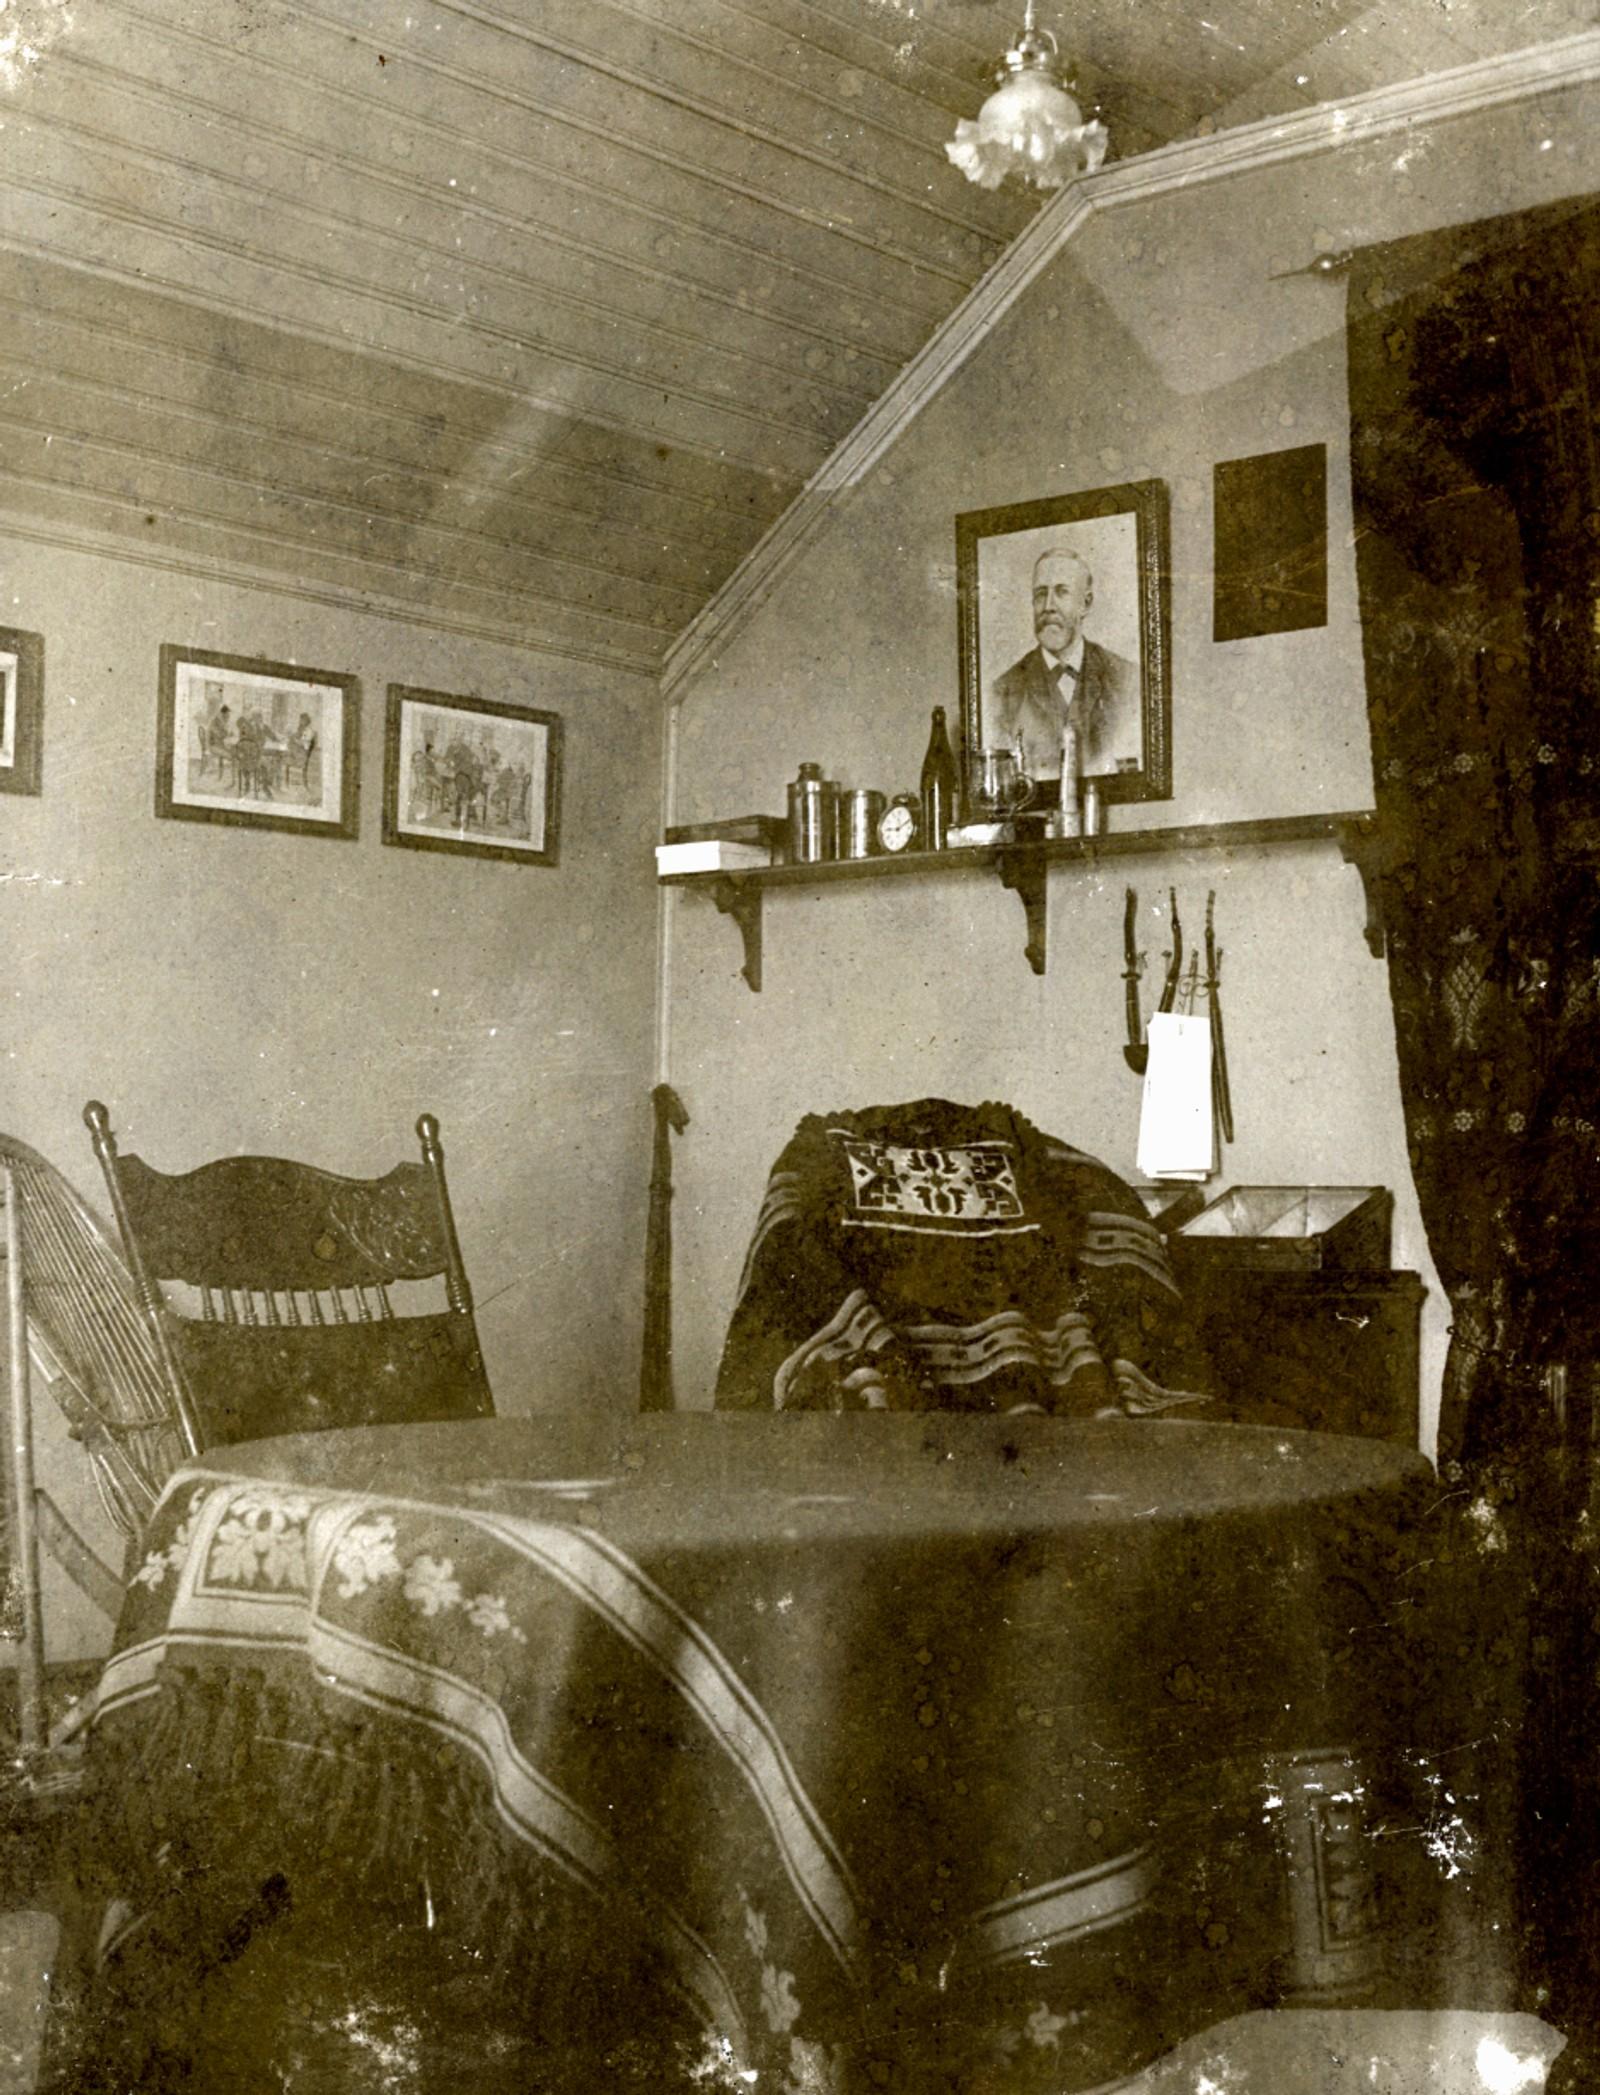 C. F. Isaachsens rom på kvisten i Nedregate, Tønsberg. Klippet ut av album. Udatert, men sannsynligvis helt på tampen av 1800-tallet.